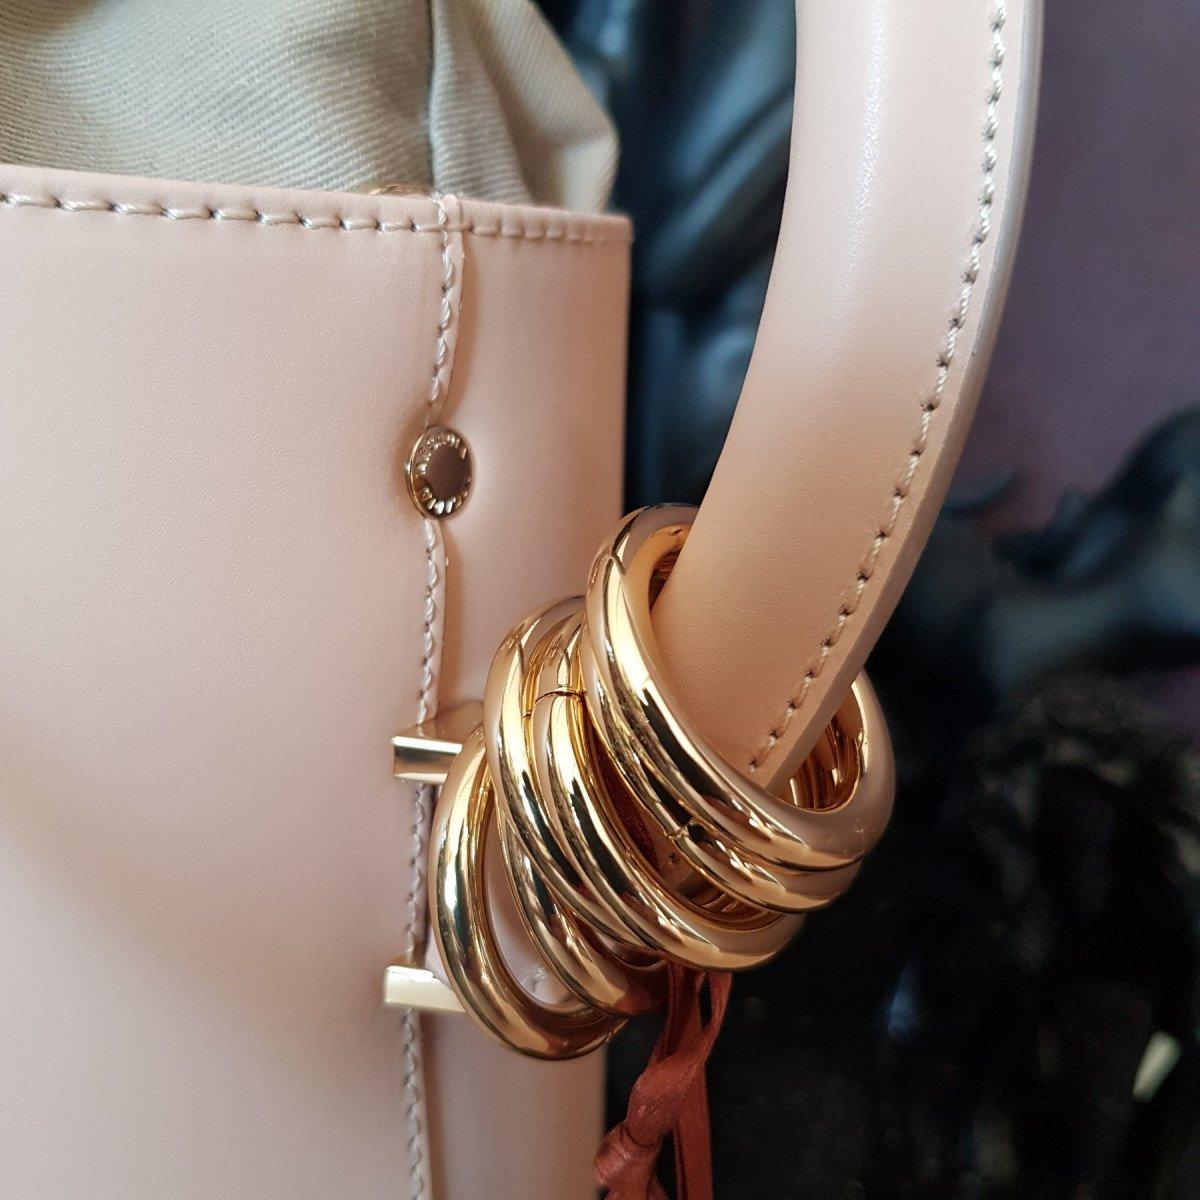 Итальянская женская сумка Arcadia 4586 ruga naturale из натуральной кожи